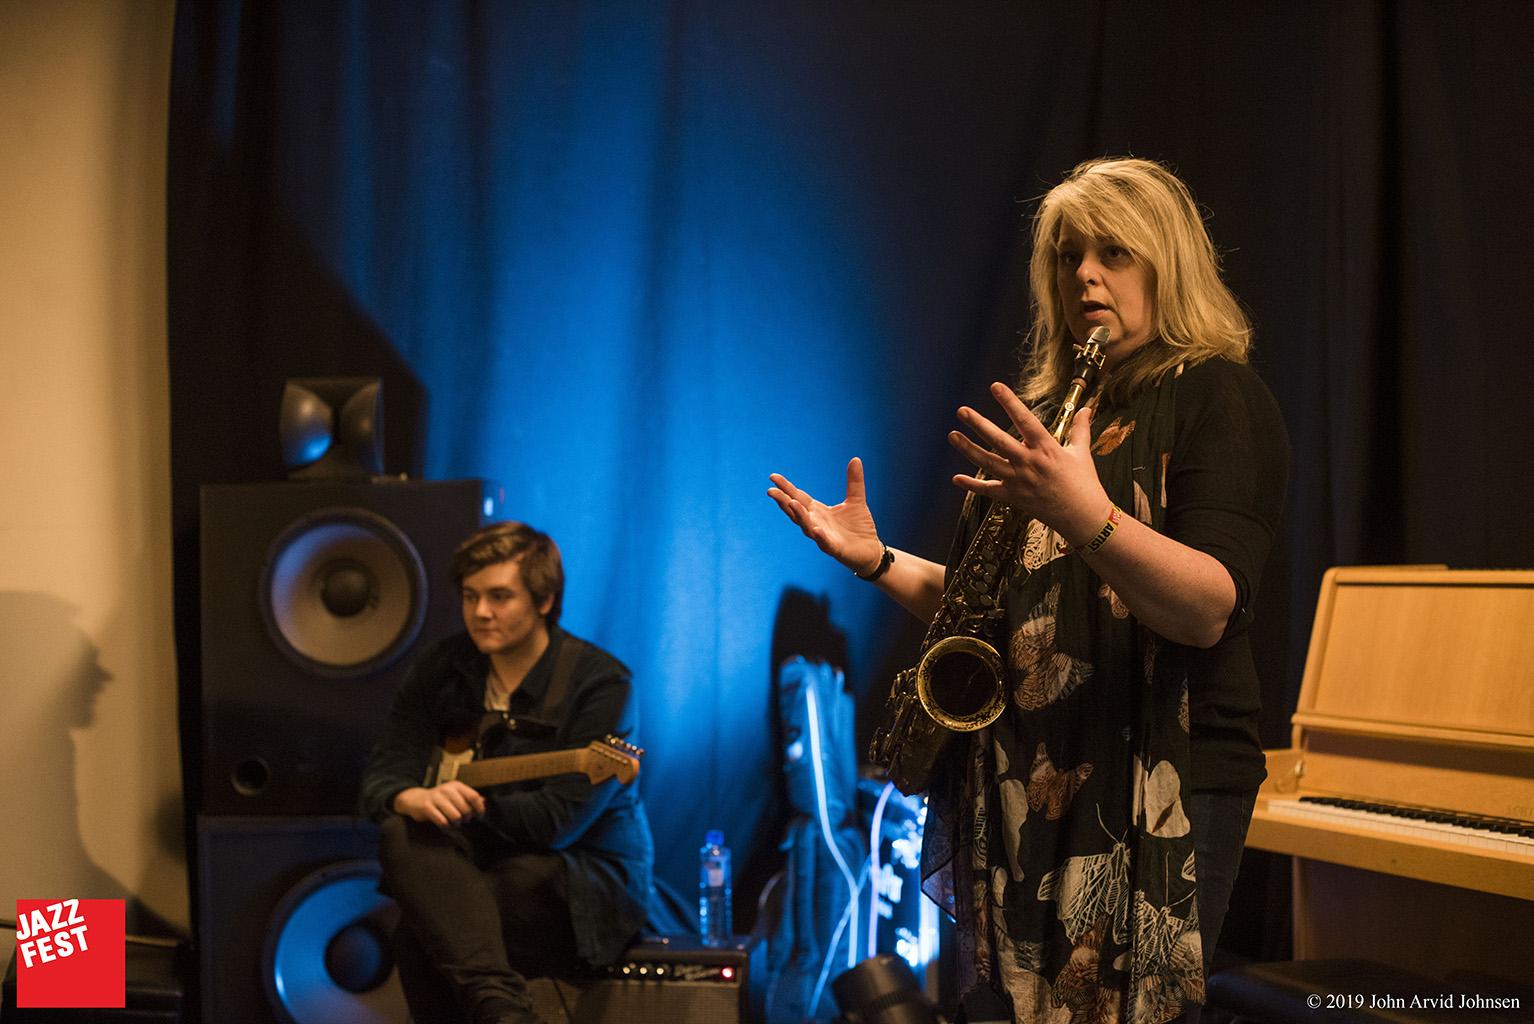 FOKUS med Christine Jensen på Cinemateket. Foto: John Arvid Johnsen